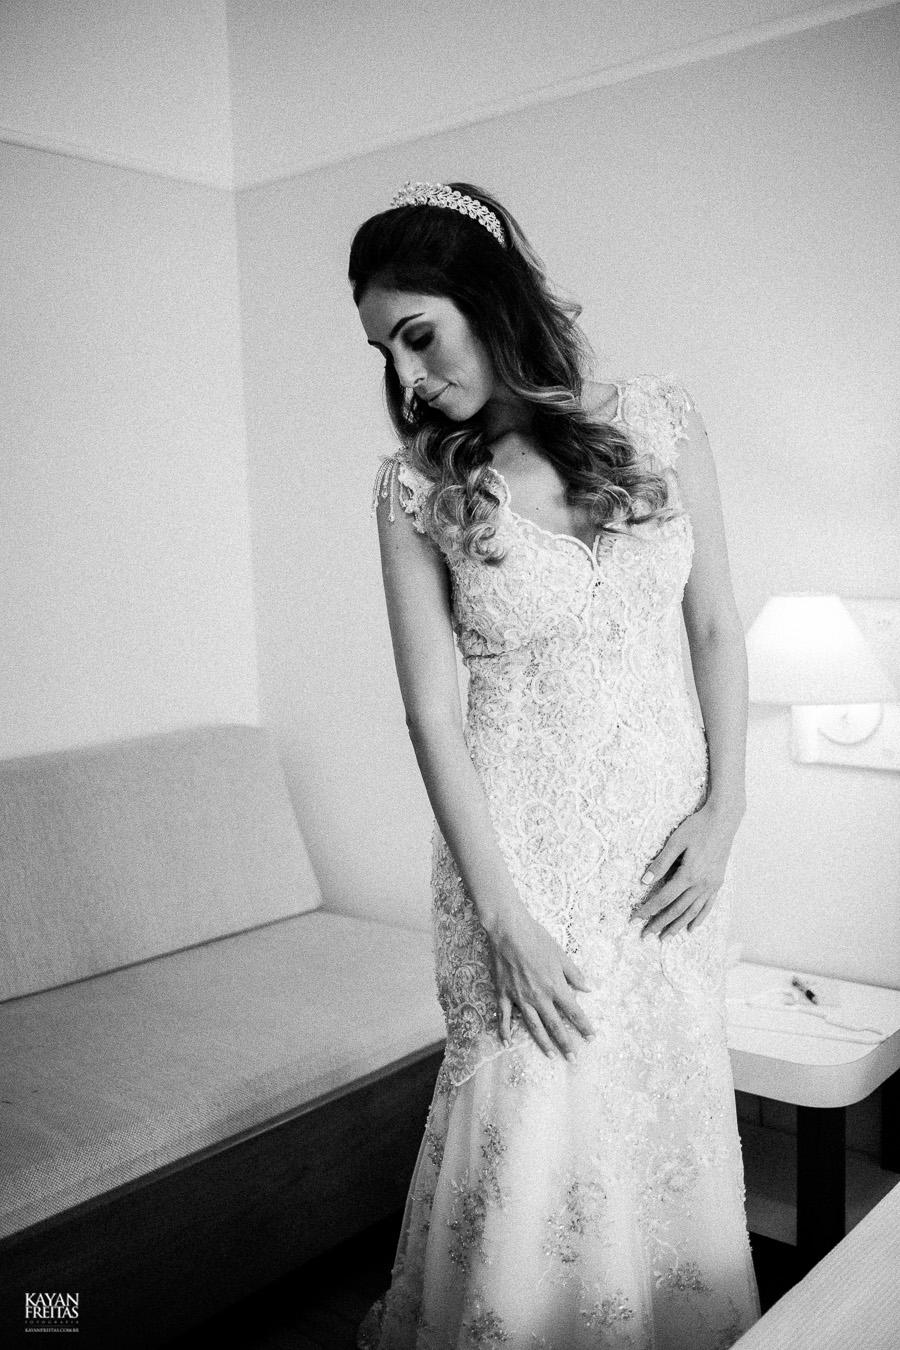 casamento-costa-norte-florianopolis-0034-copiar Casamento Jucirema e Rafael - Hotel Costa Norte Florianópolis